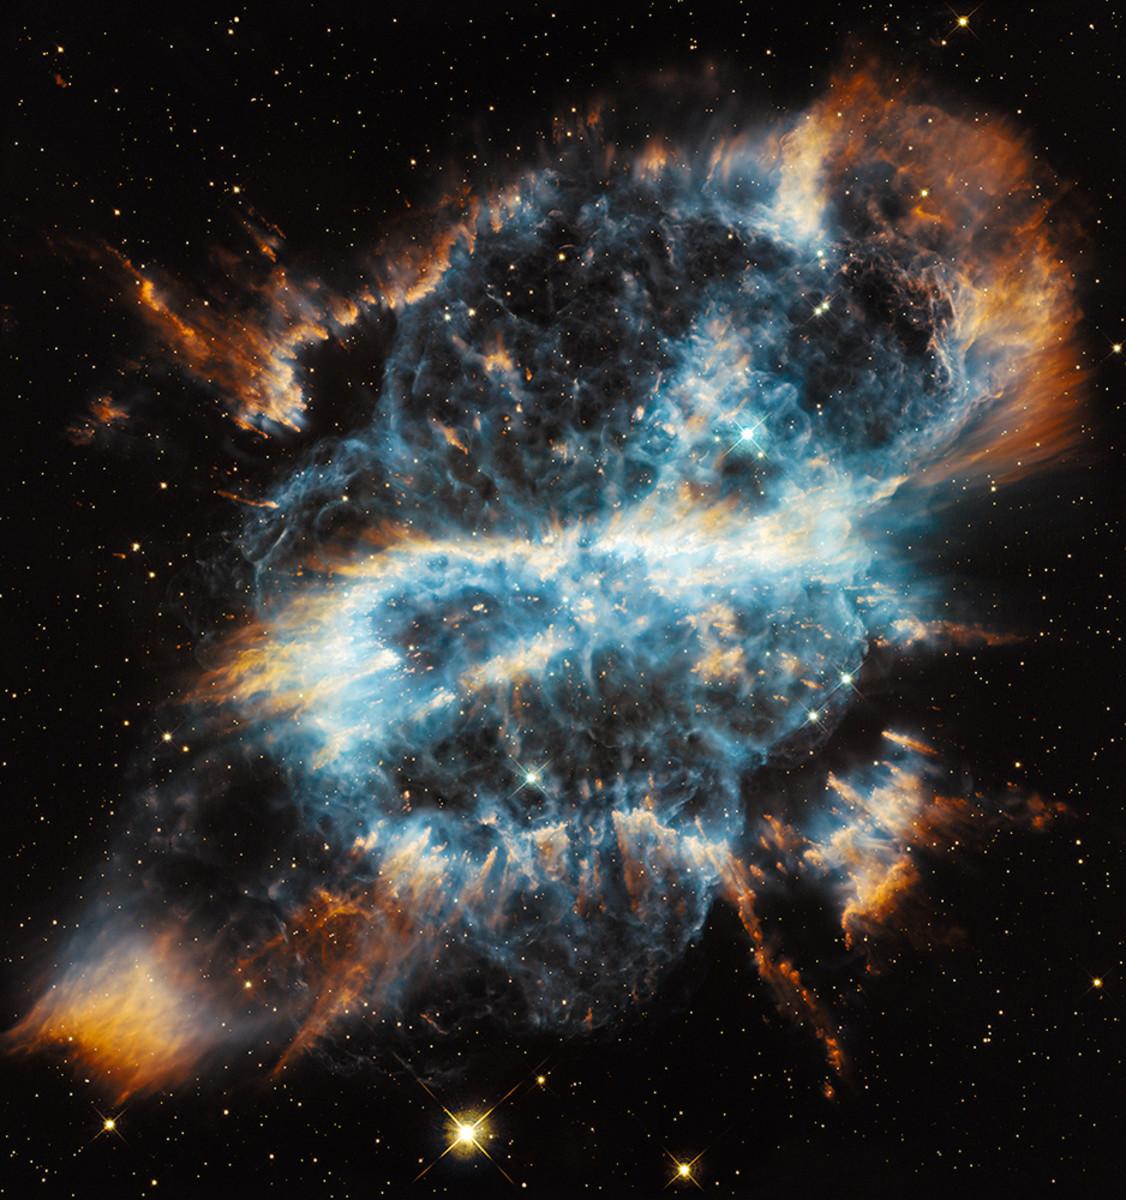 Spiral Planetary Nebula, NGC 5189